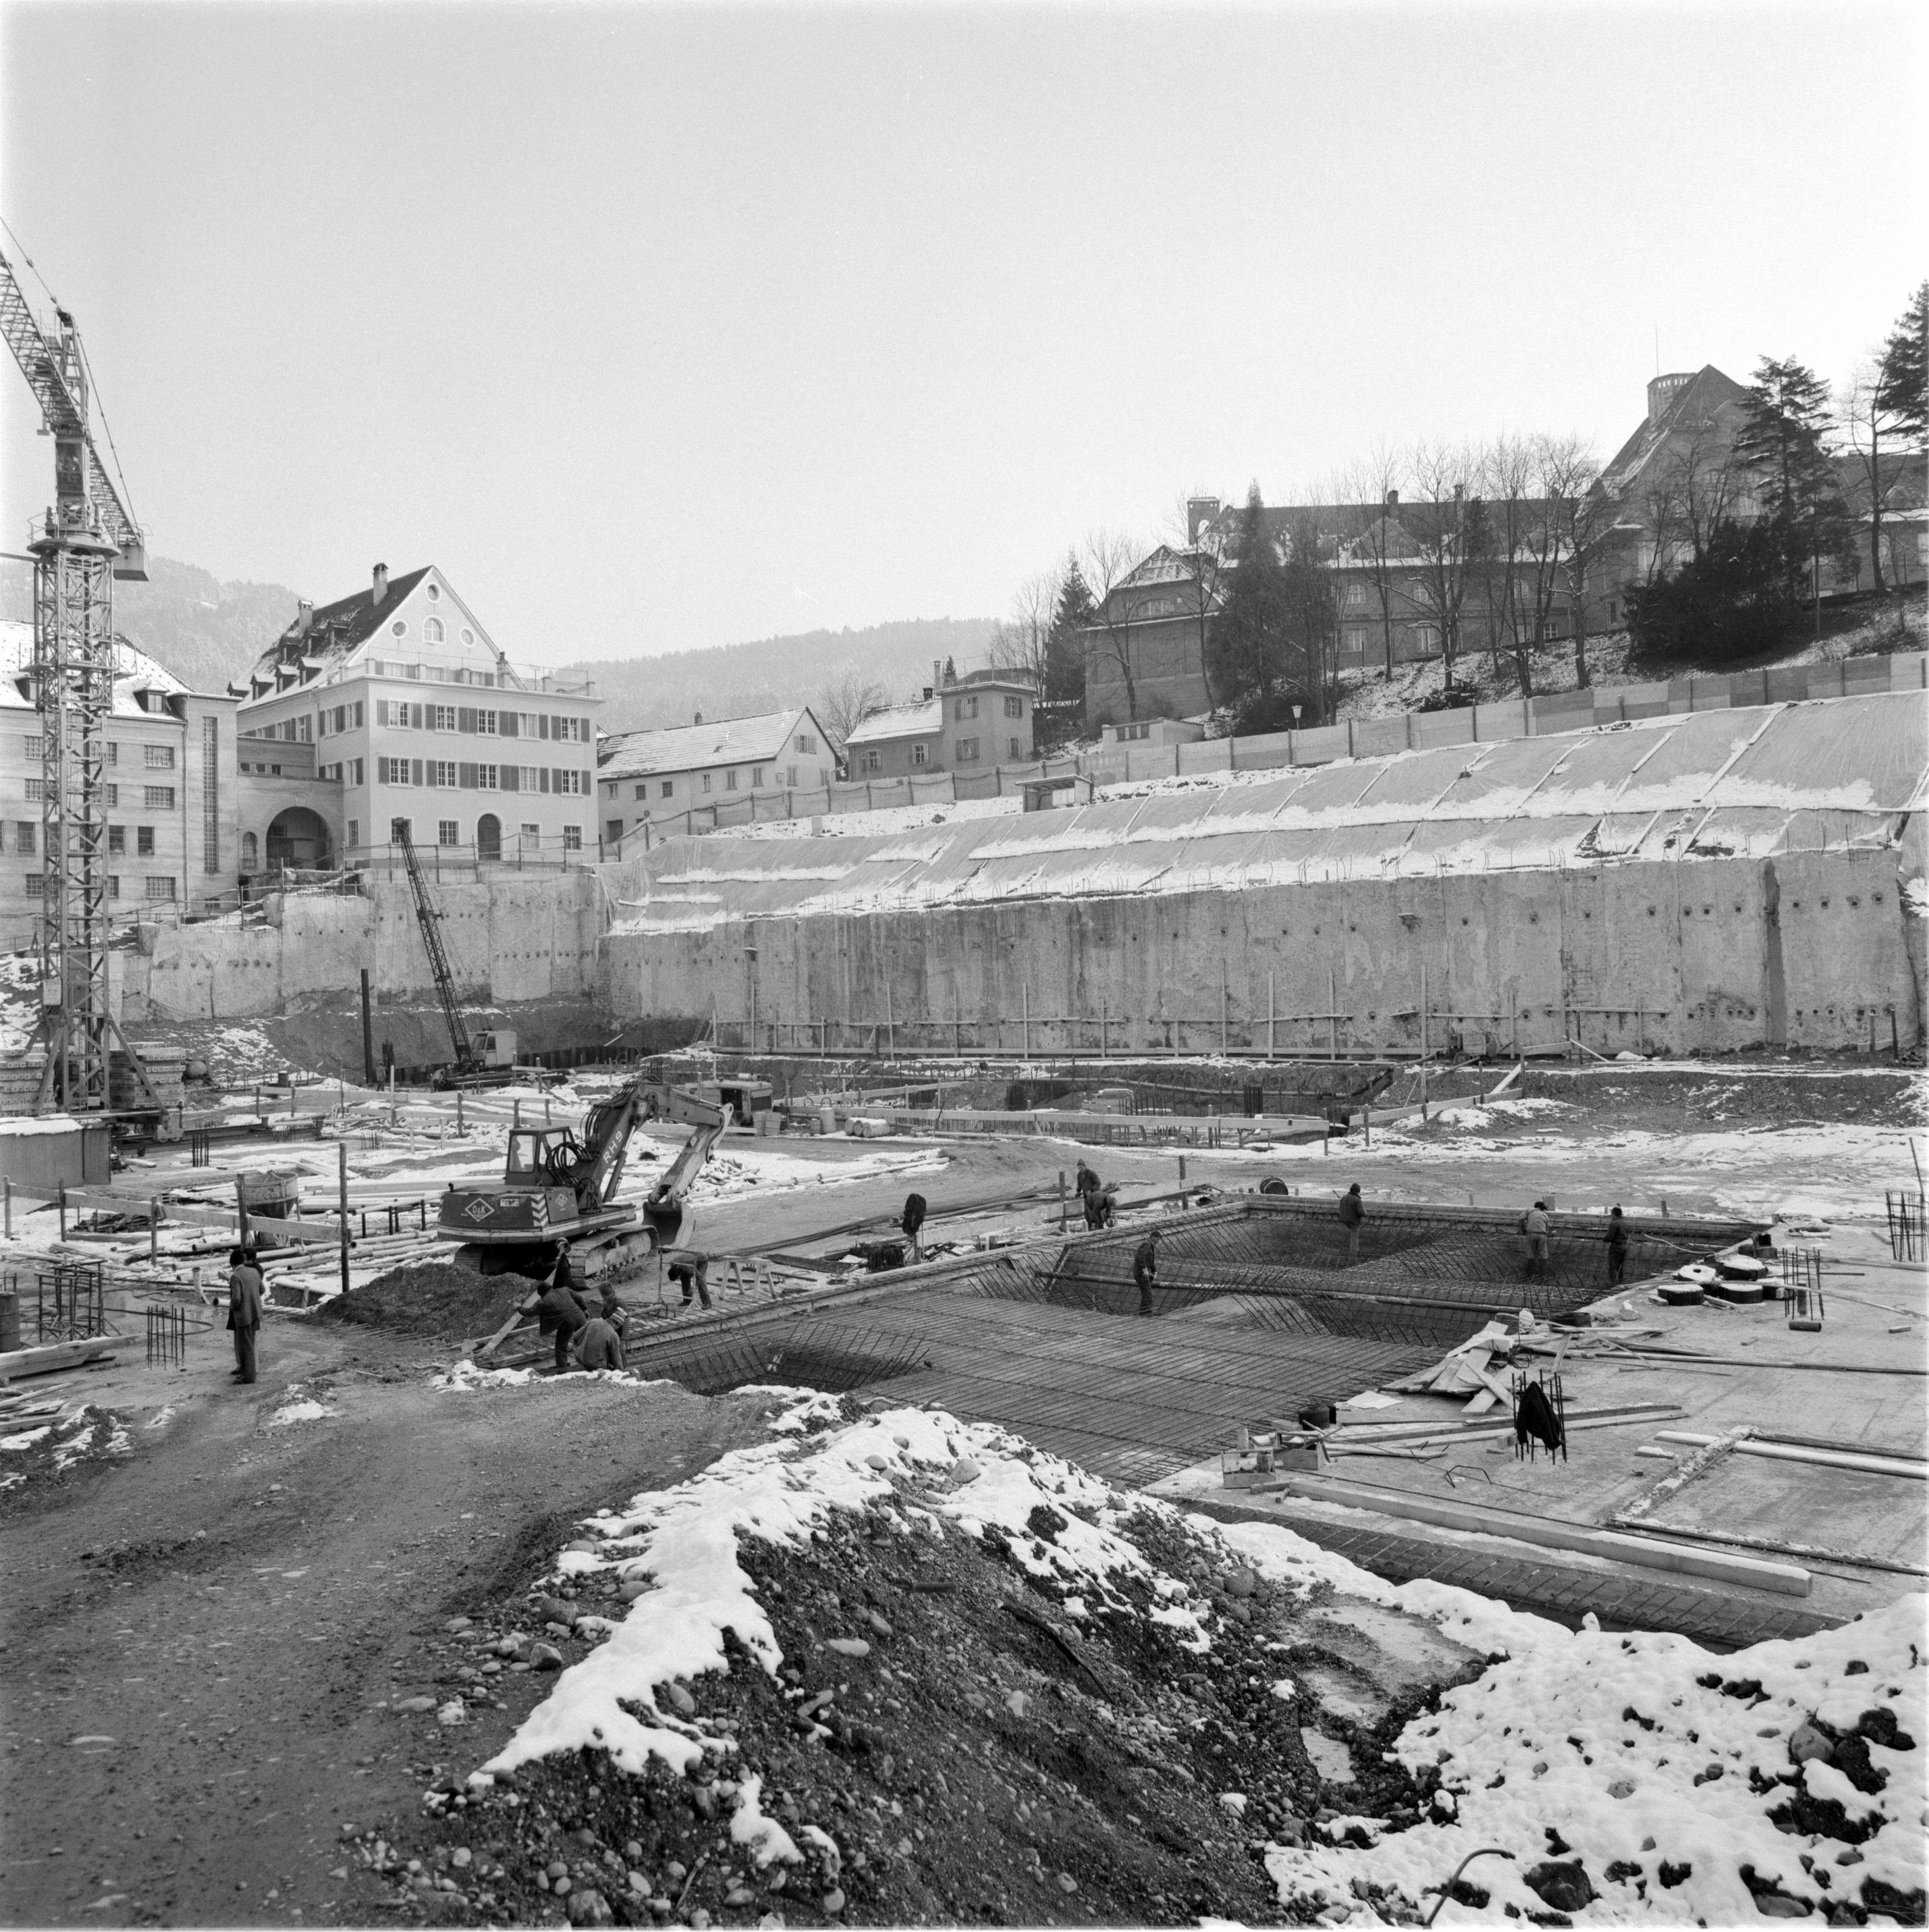 File:Baustelle Landhaus Bregenz 1977